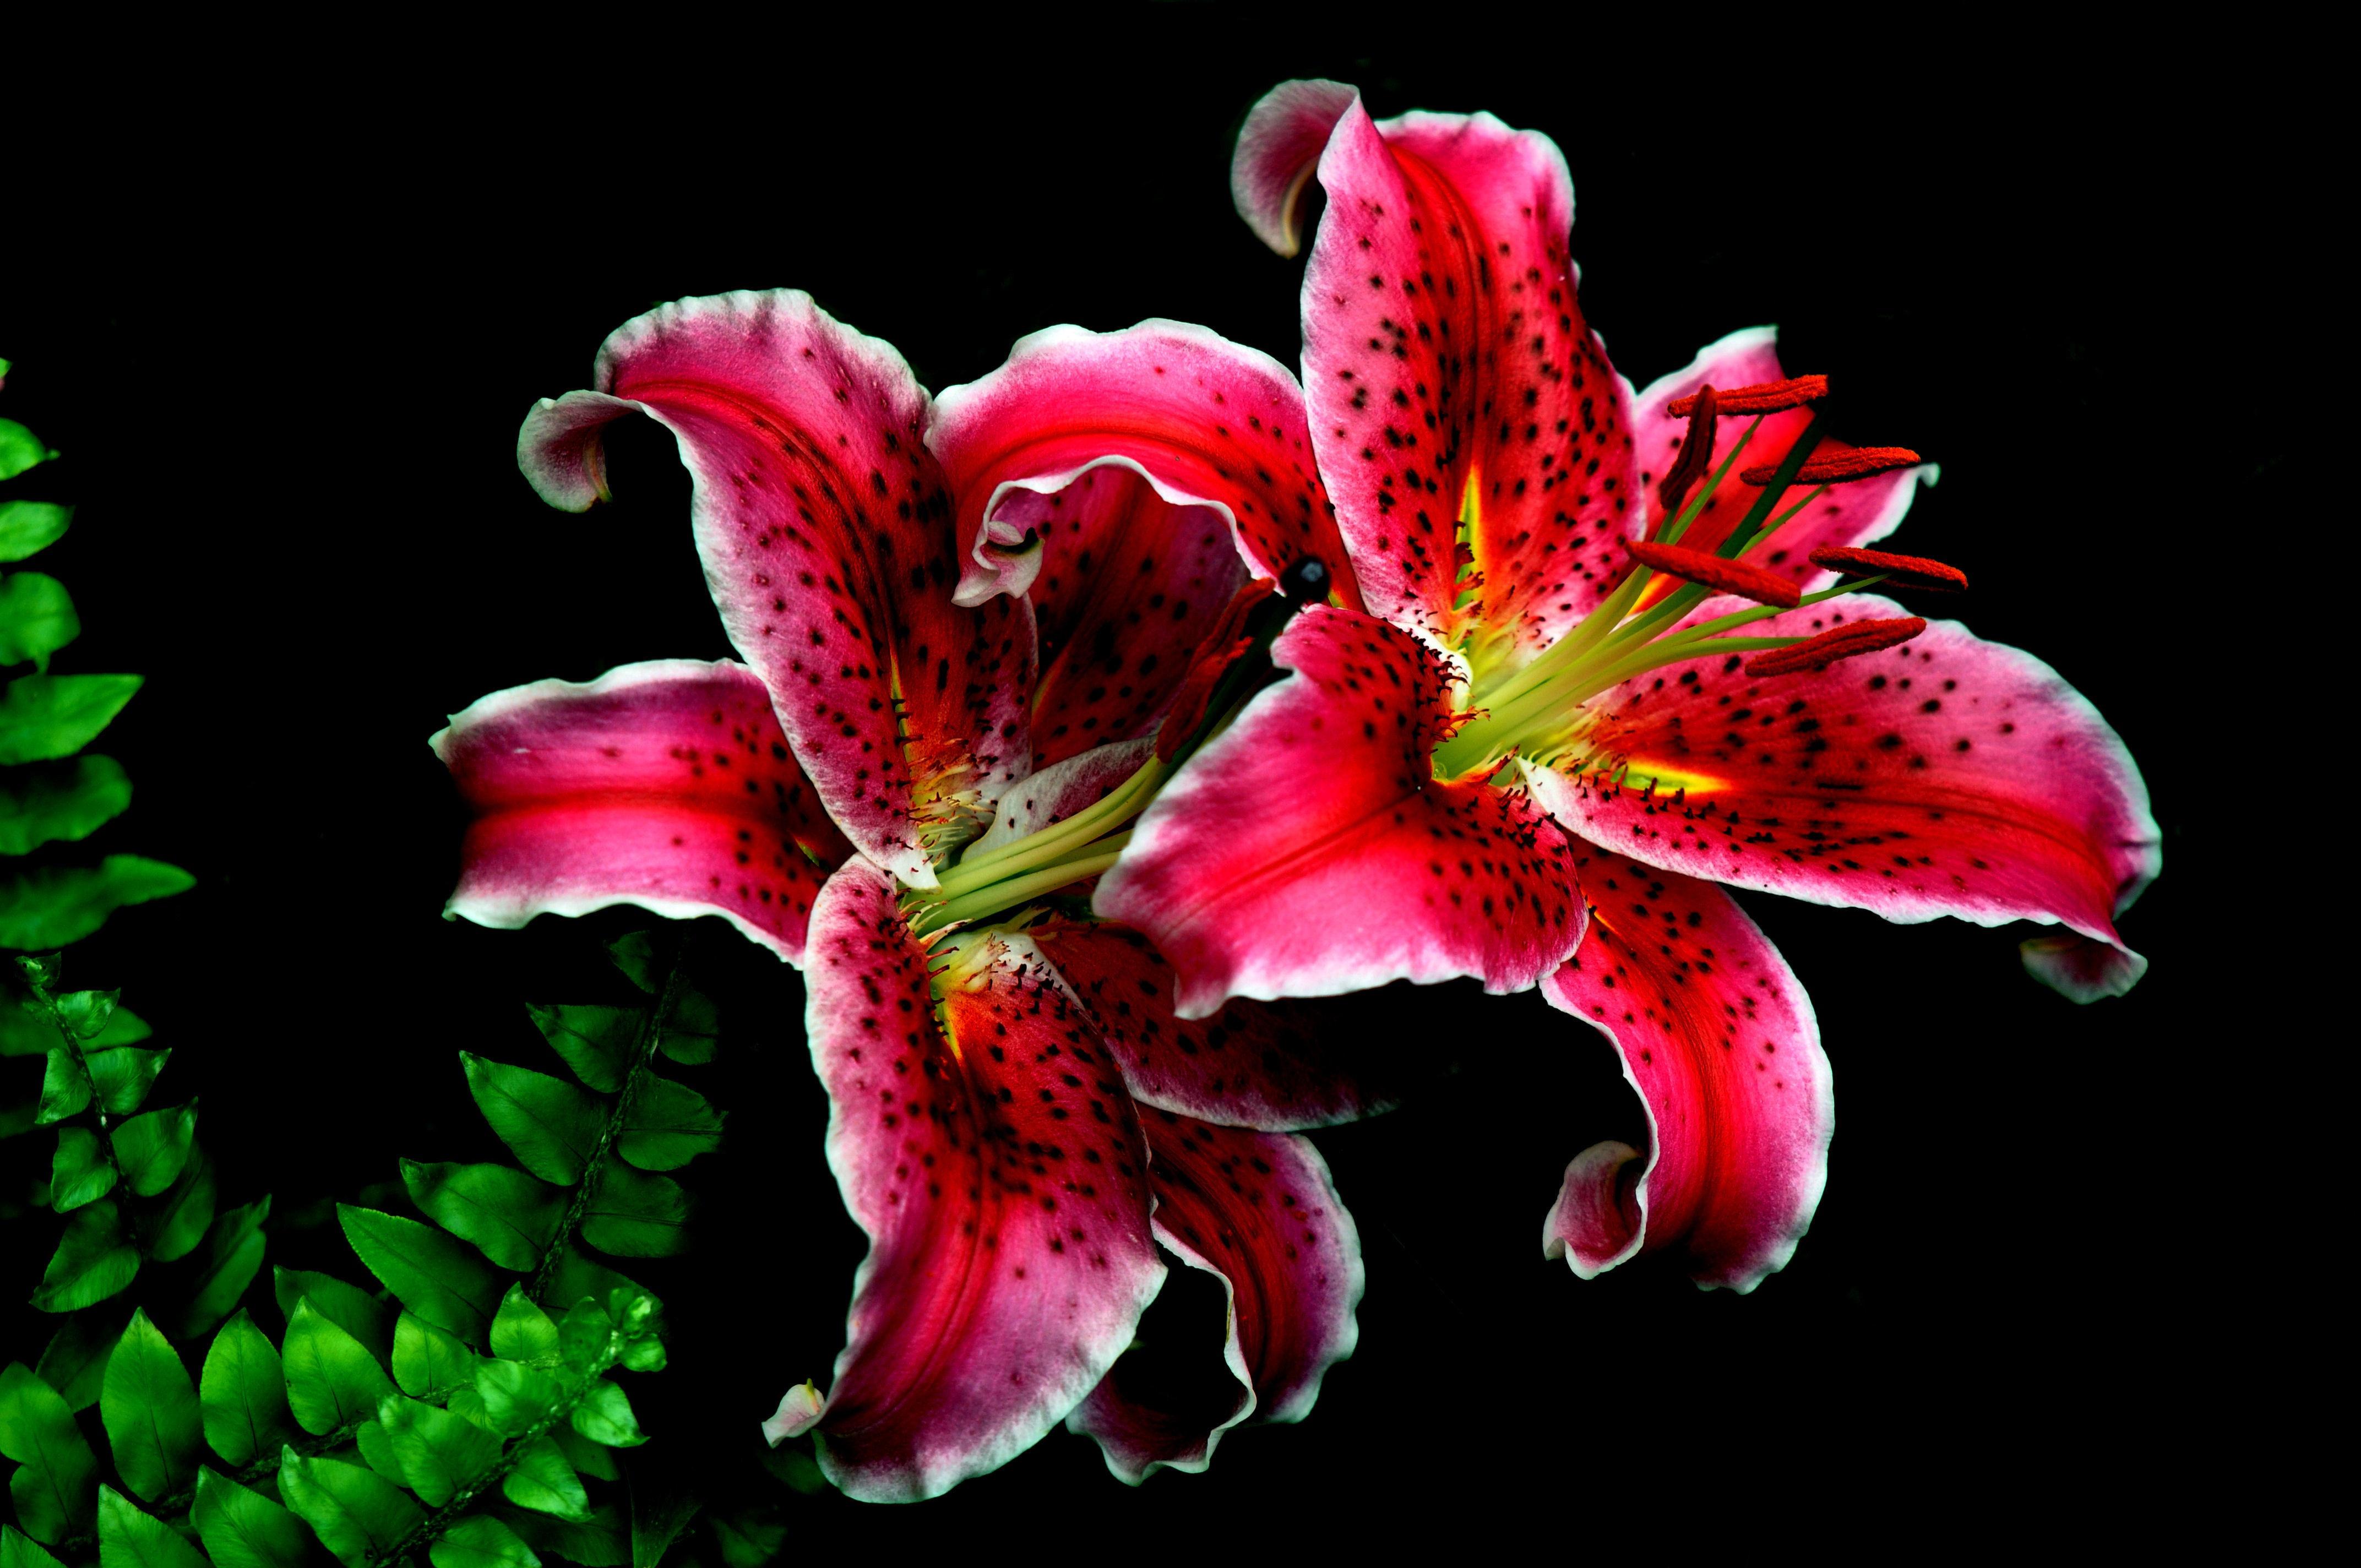 Фото лилия красная цветок на черном фоне Крупным планом Лилии Красный красные красных Цветы вблизи Черный фон